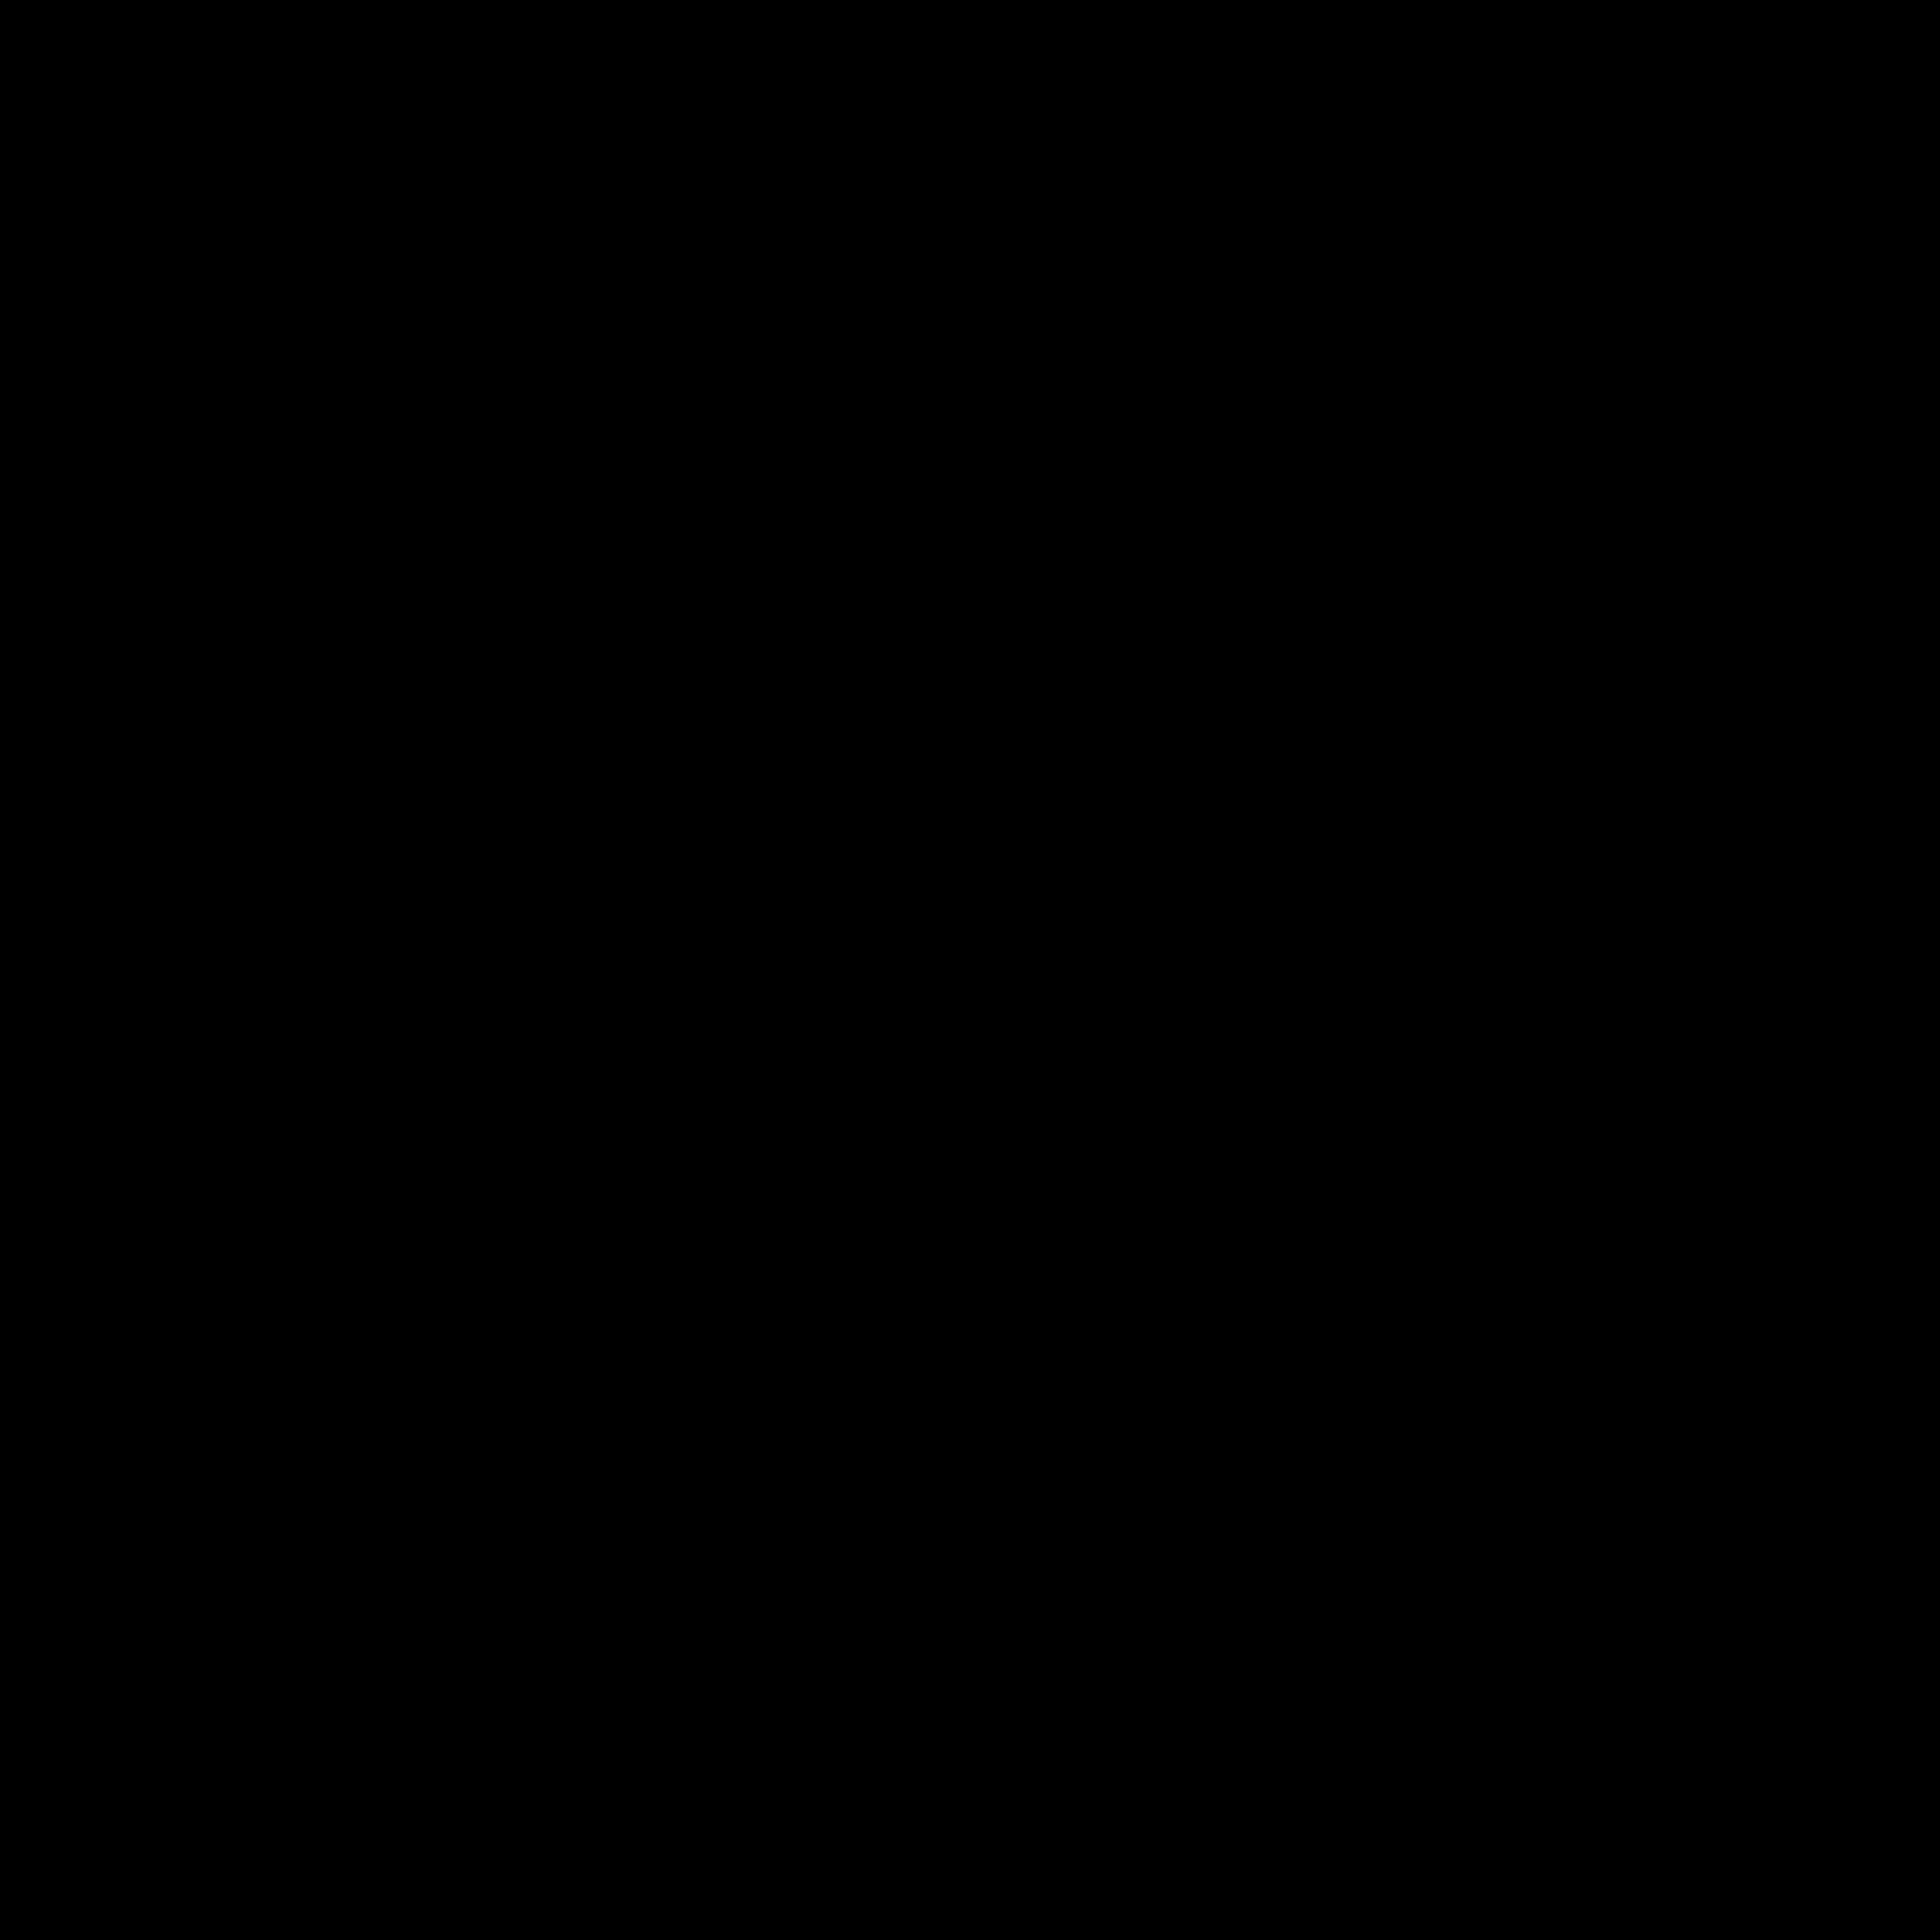 logo-slice-2.png